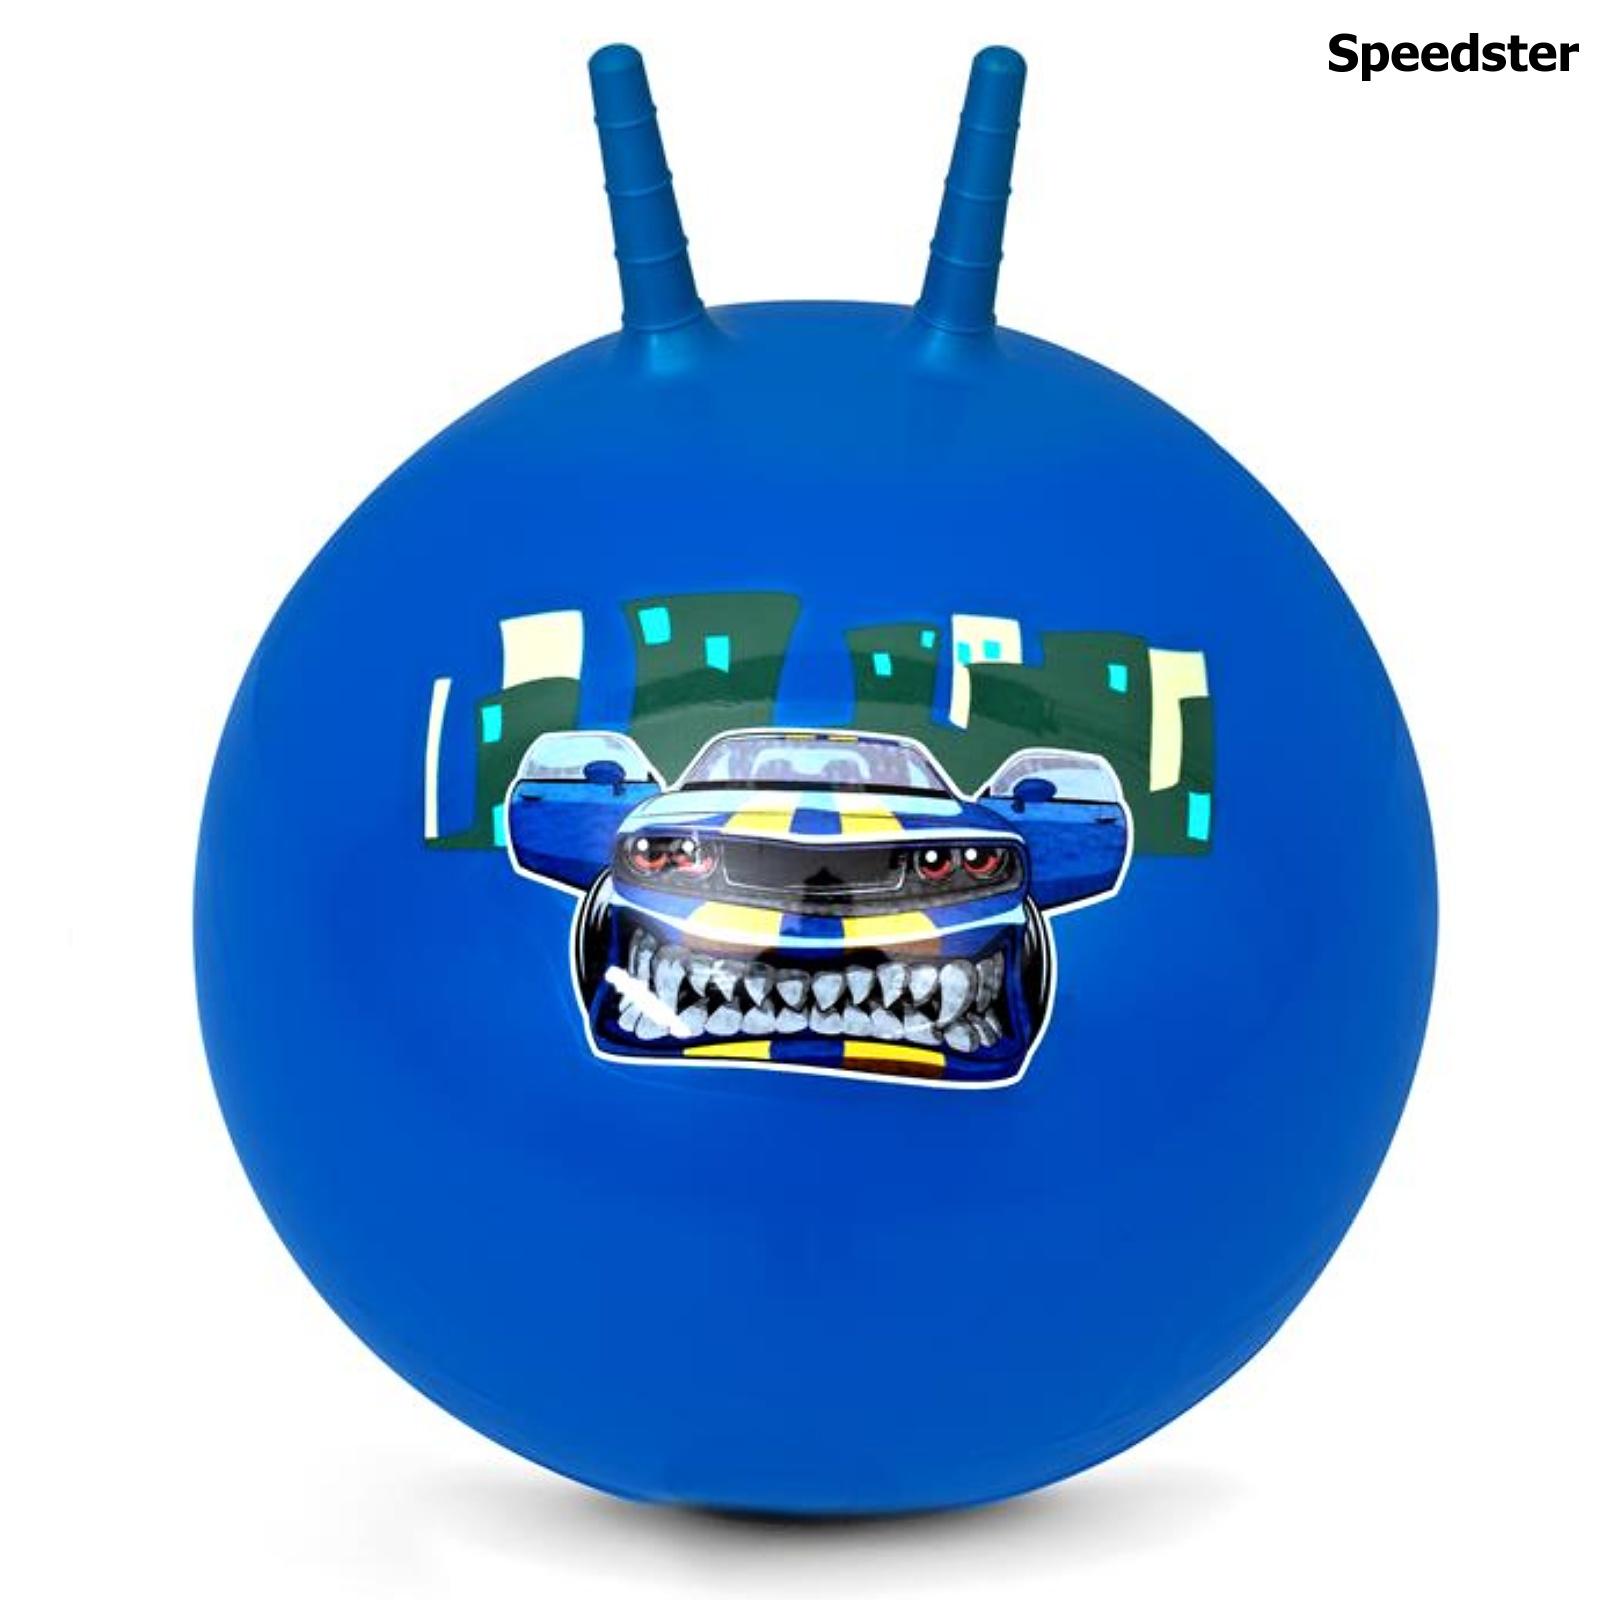 Spokey Skákacia lopta SPEEDSTER 60 cm